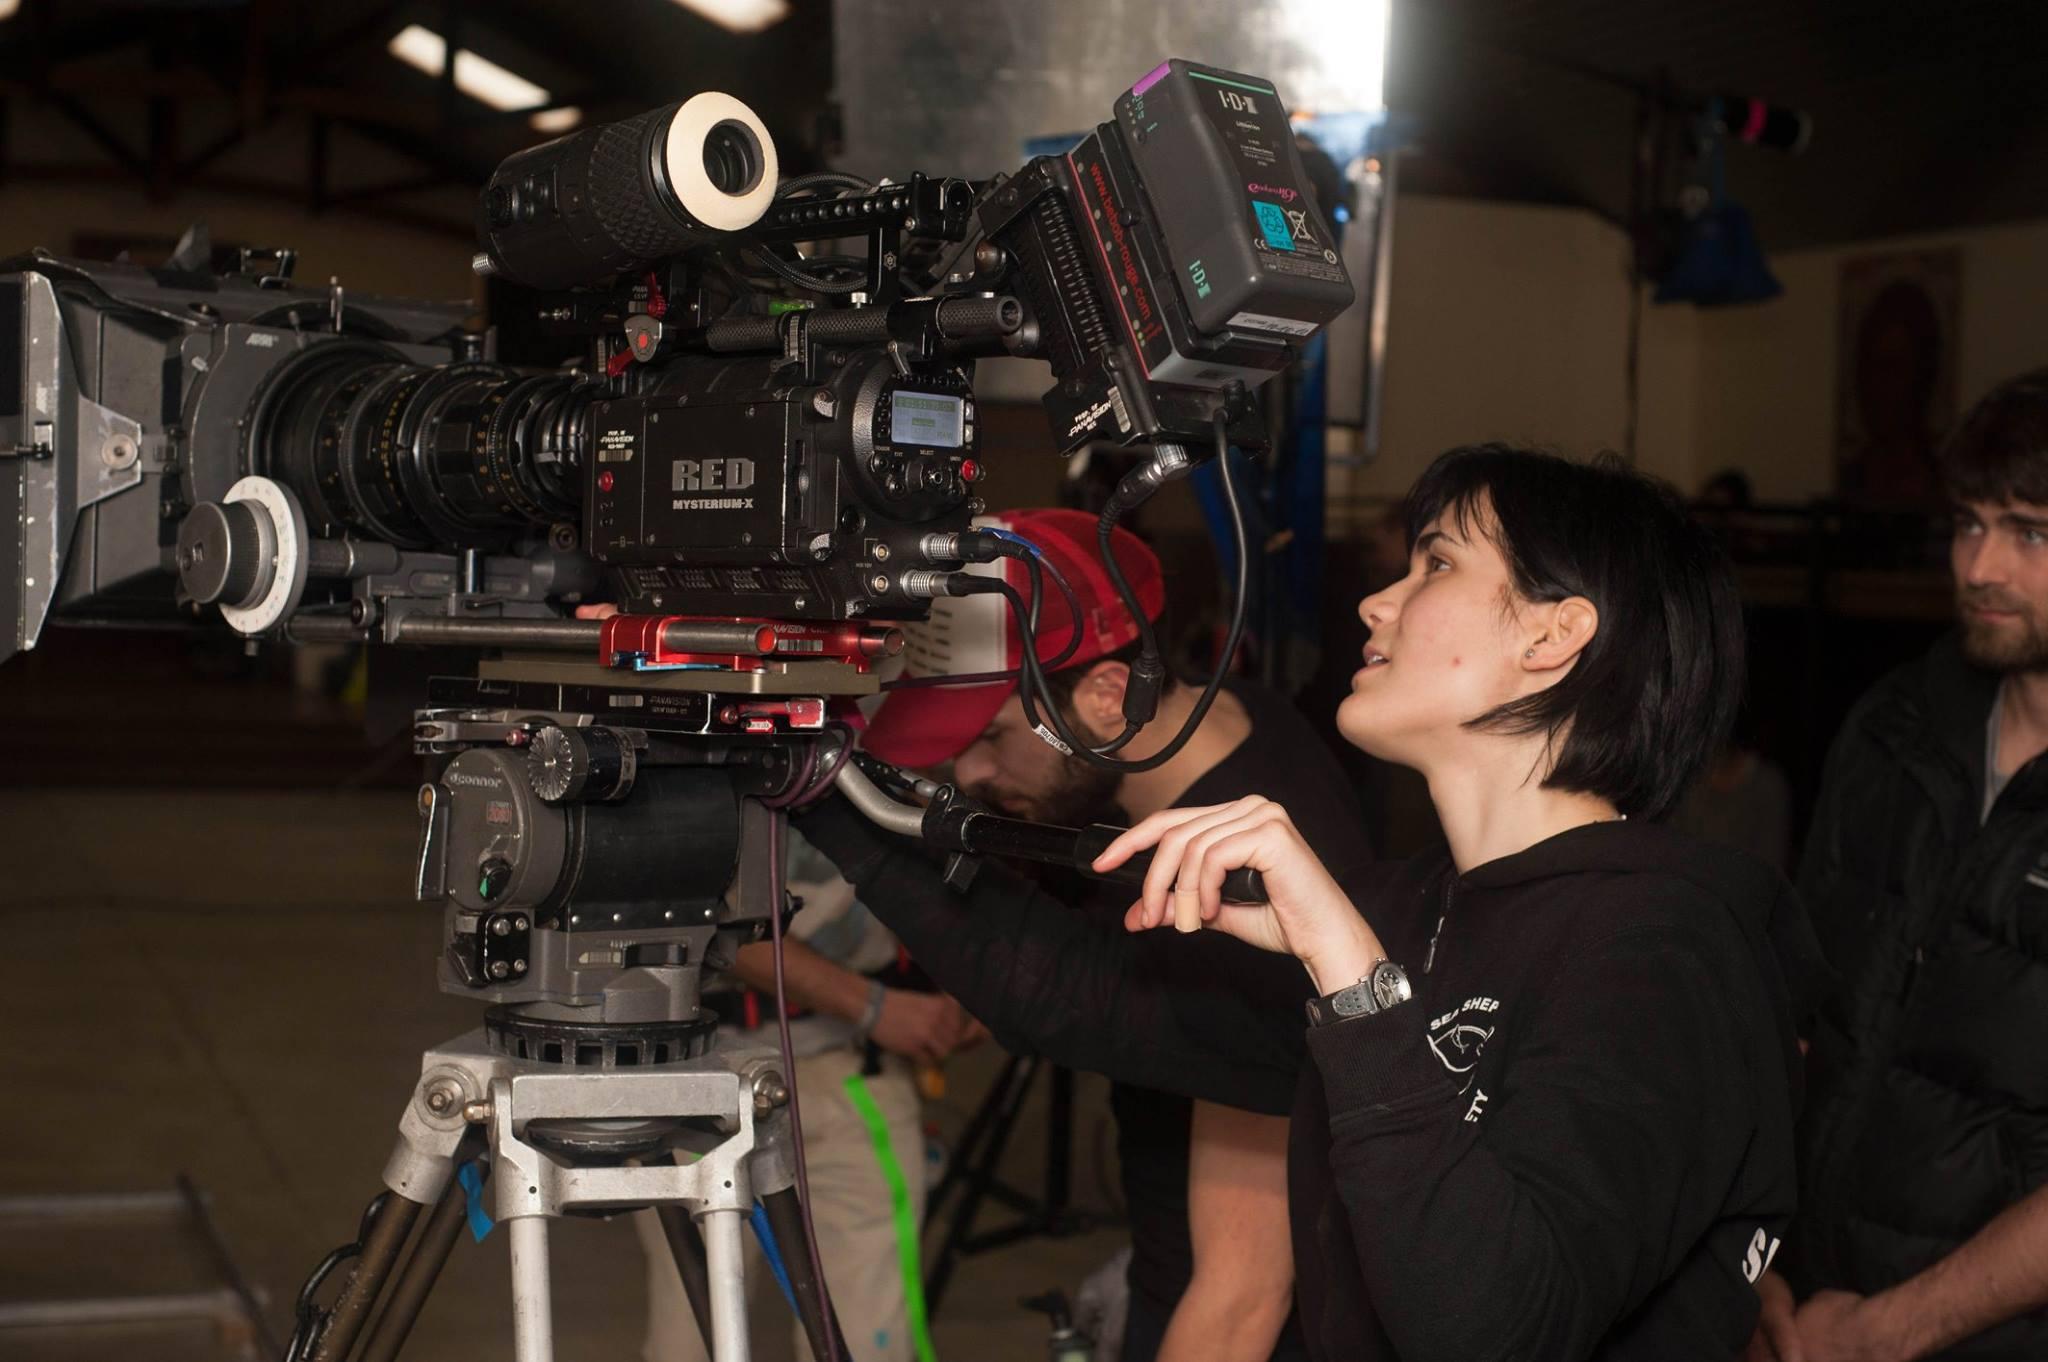 tournage court métrage suisse